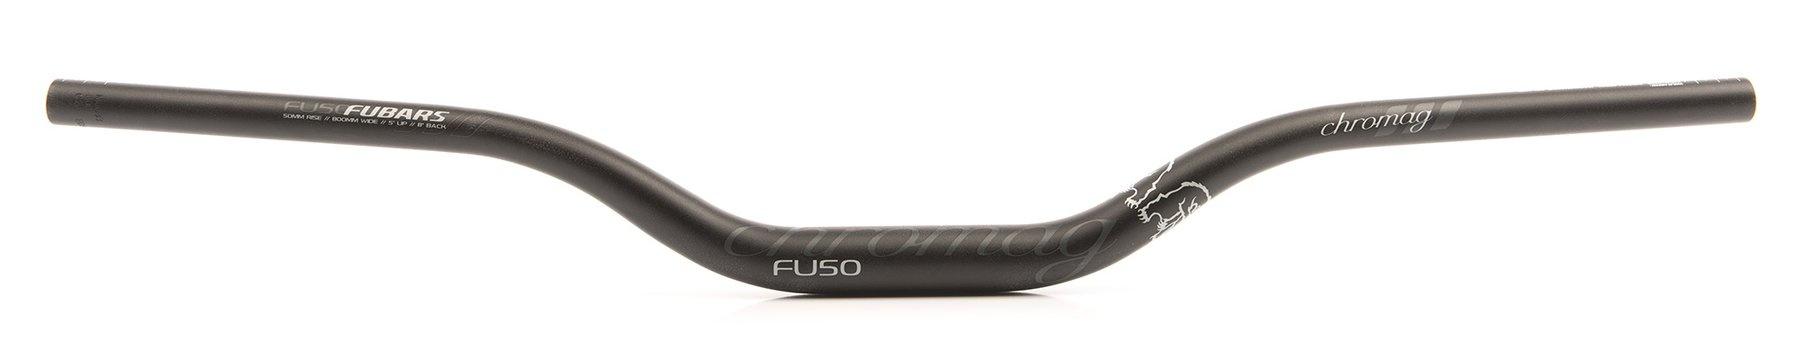 Chromag Fubar FU50 Handlebar